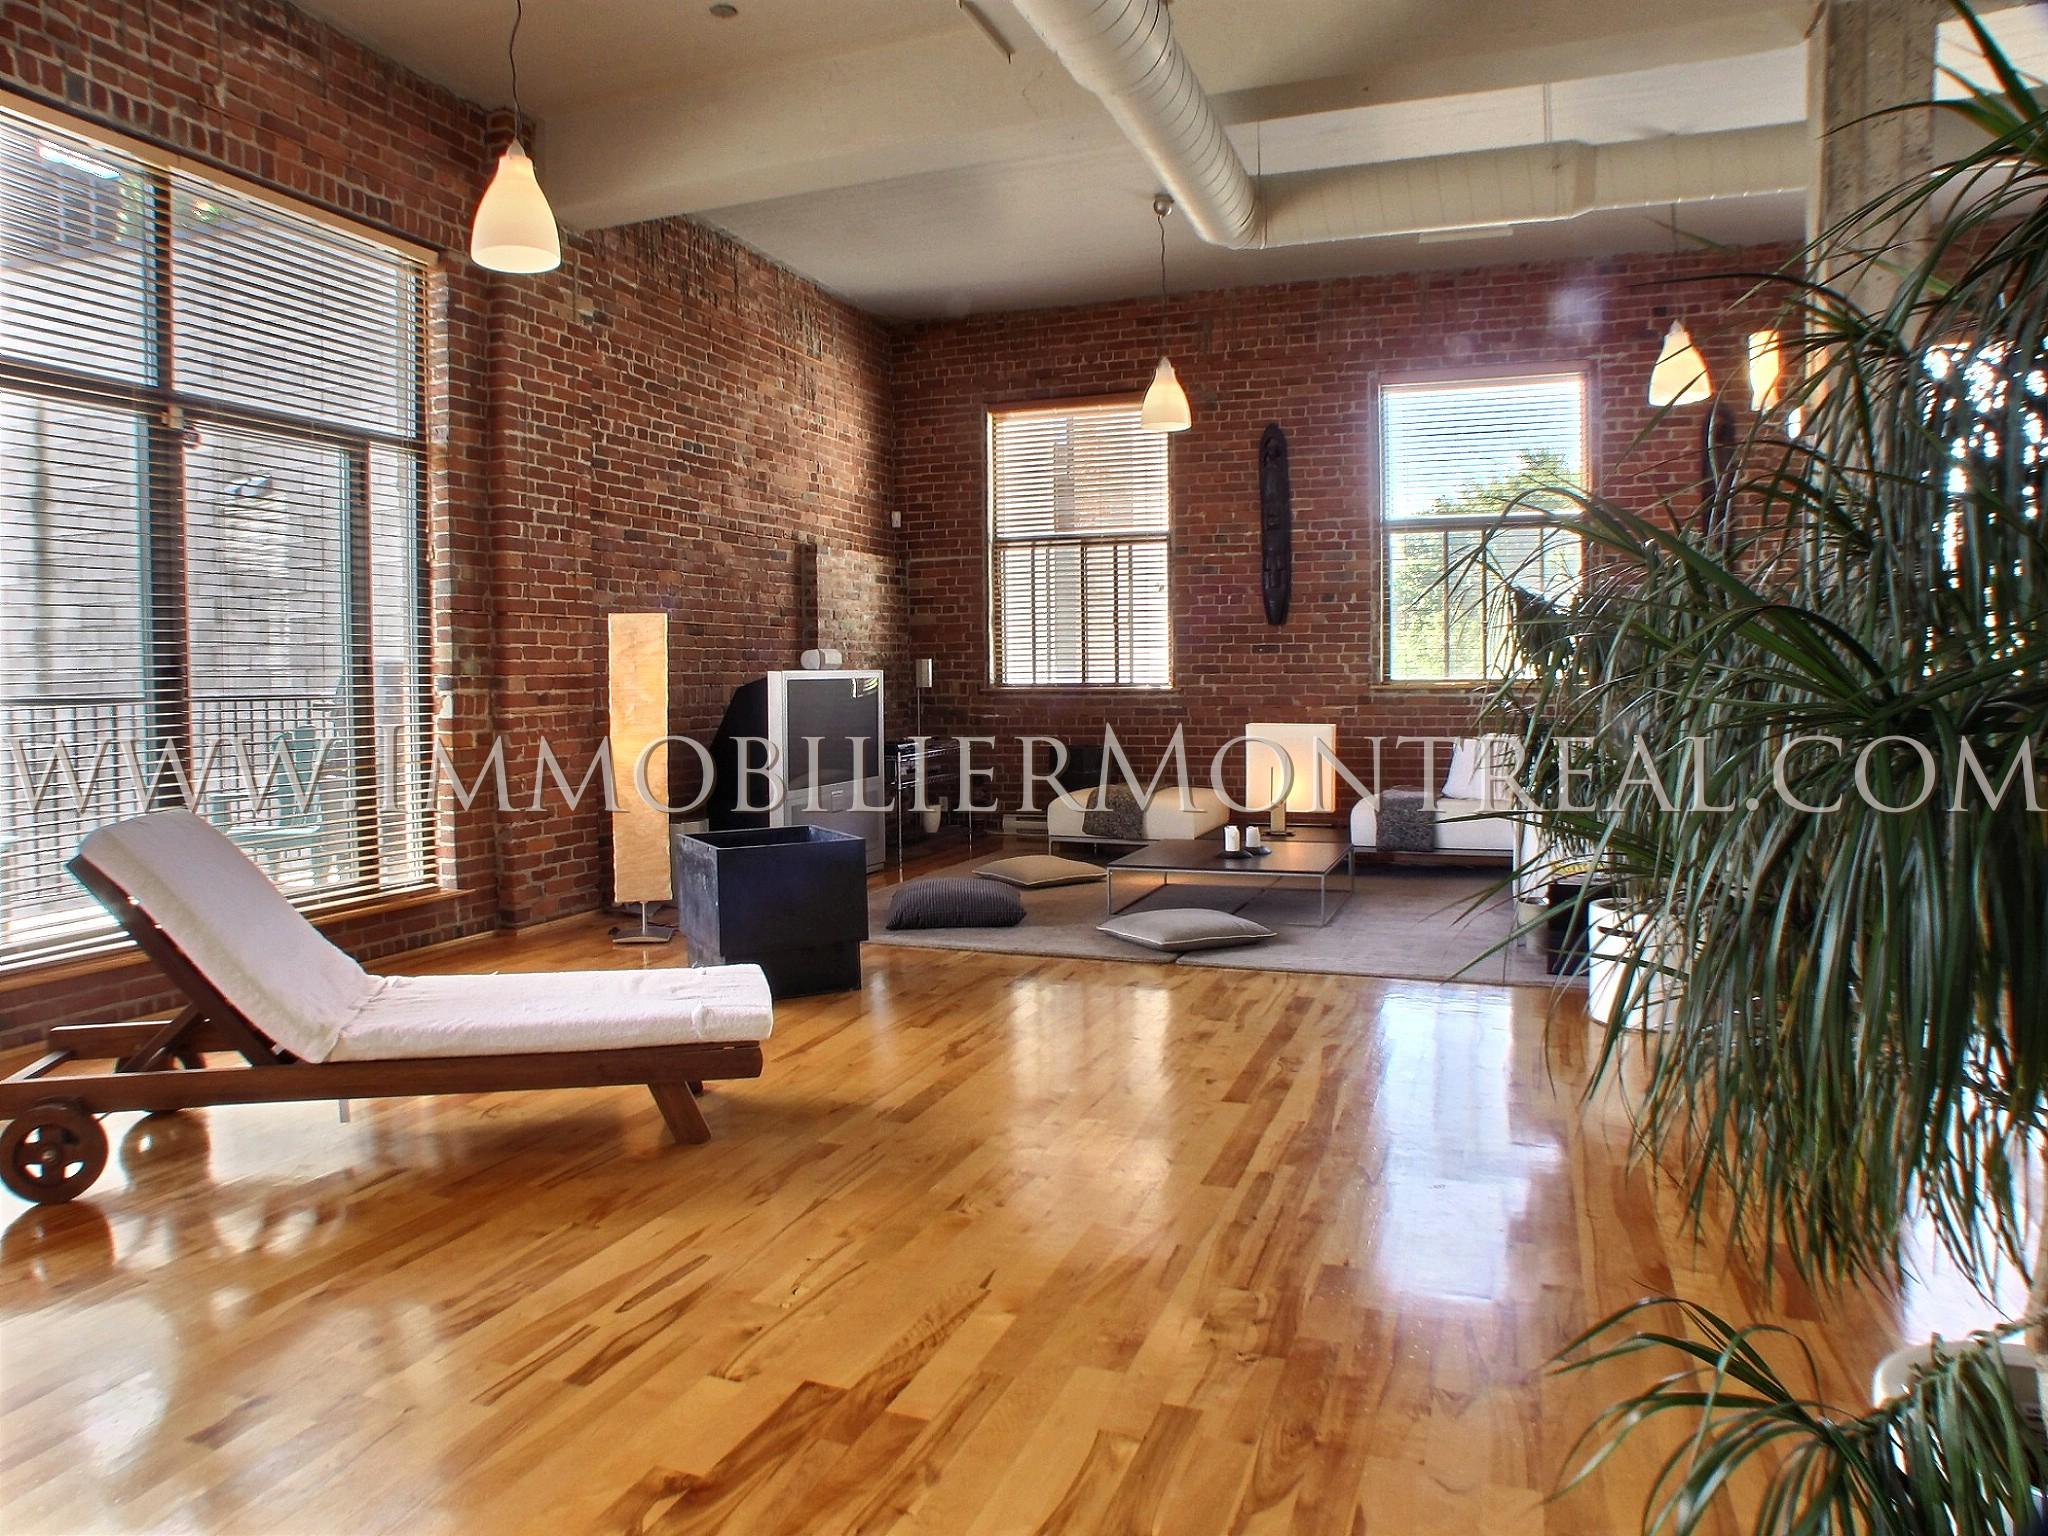 brique loft dco loft u une source inpuisable pour les artistes deco loft mur loft murs brique. Black Bedroom Furniture Sets. Home Design Ideas